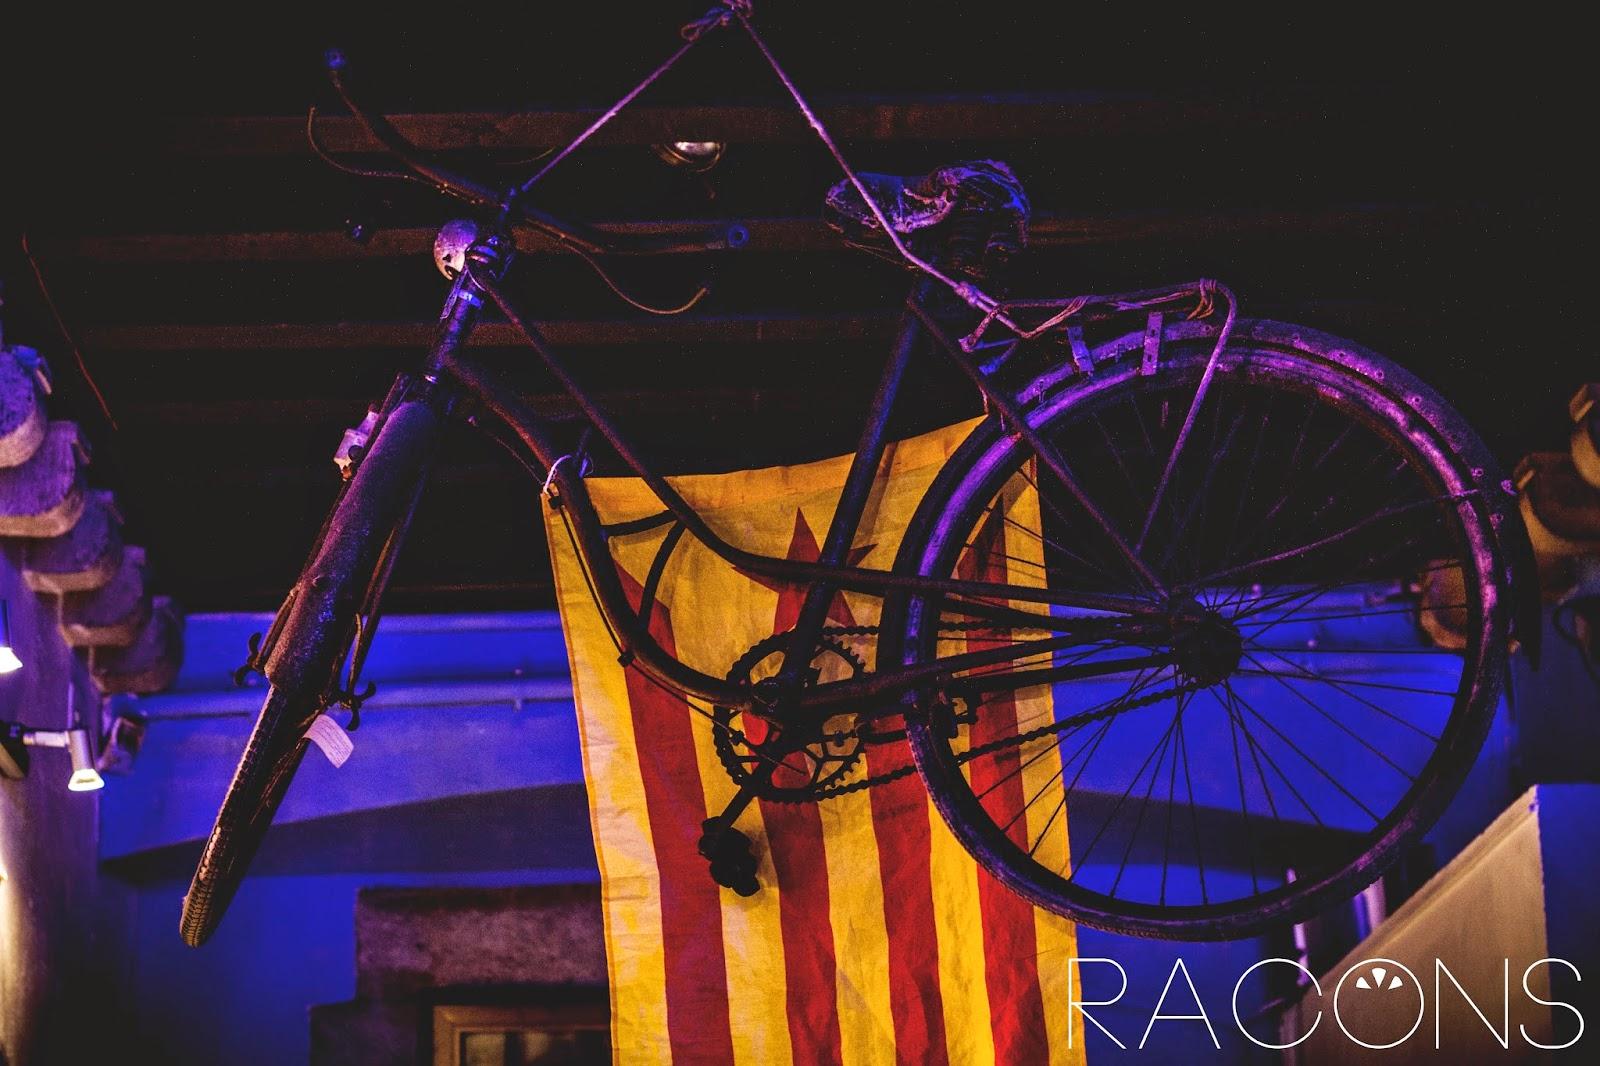 bicicleta sostre decoració el cercle girona cultura begudes